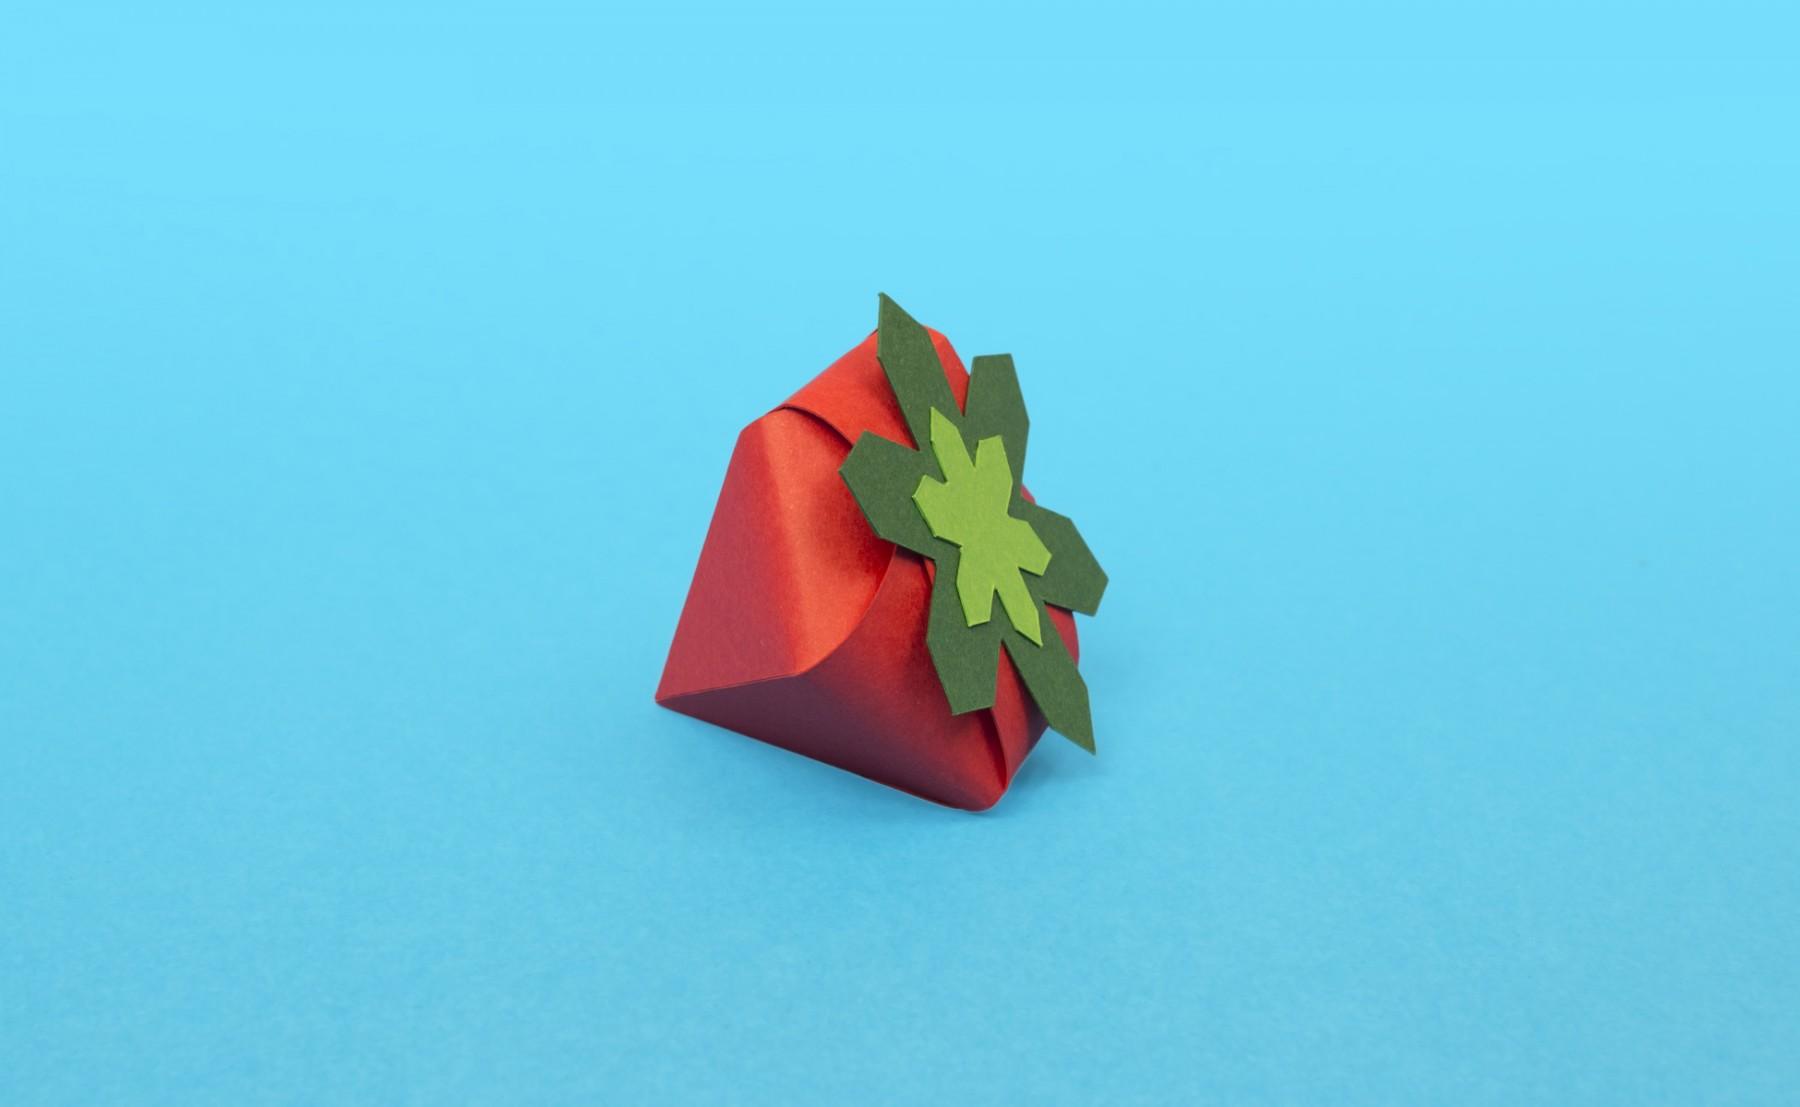 fraise-papier